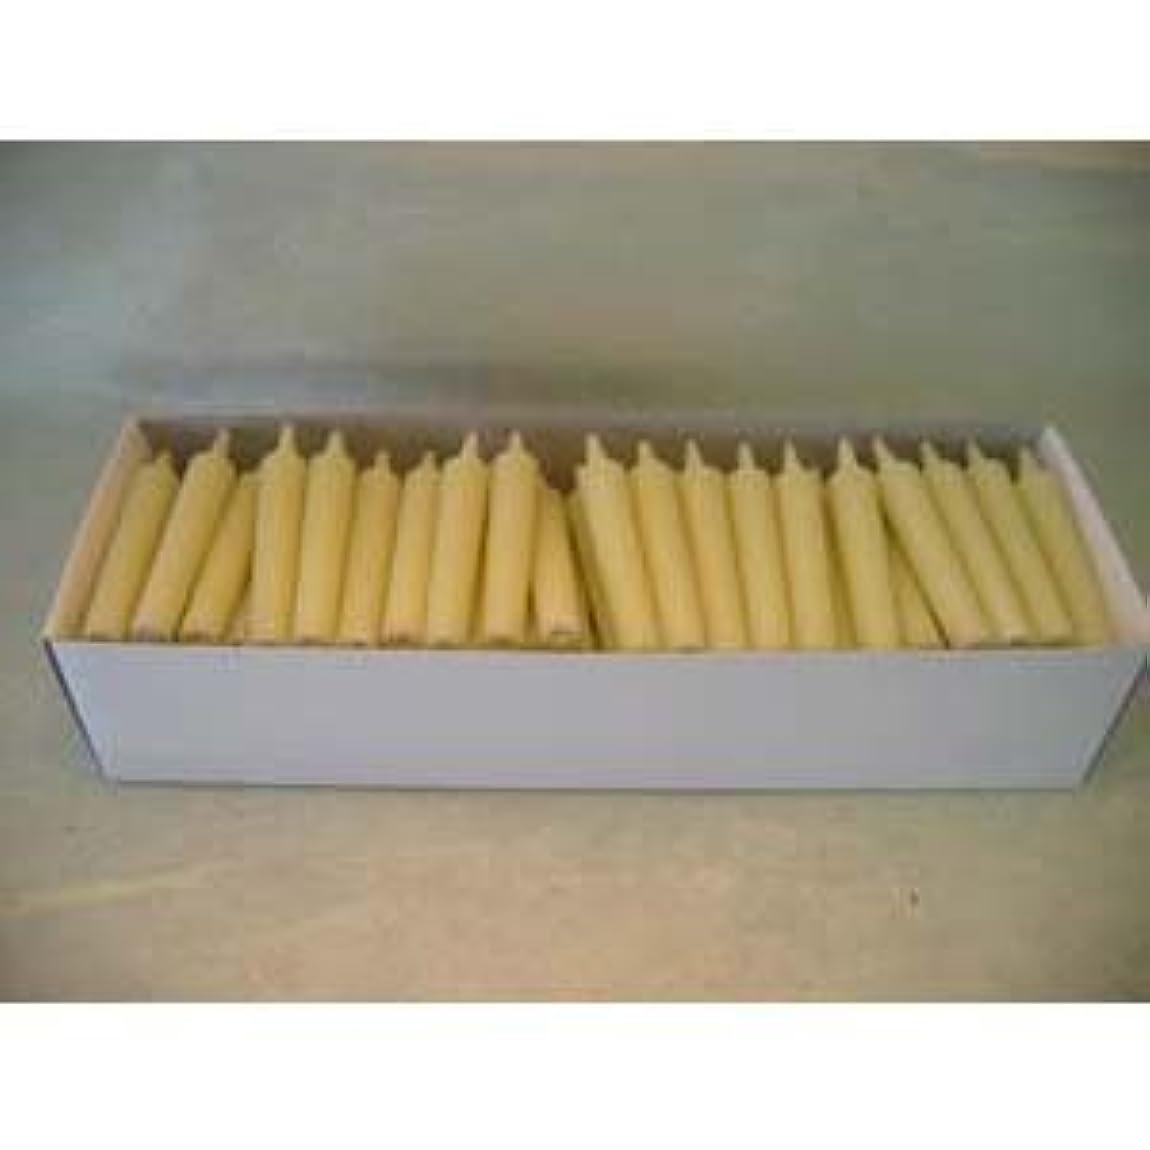 粒密輸エジプト人和ろうそく 型和蝋燭 ローソク 豆型 棒タイプ 白 100本入り